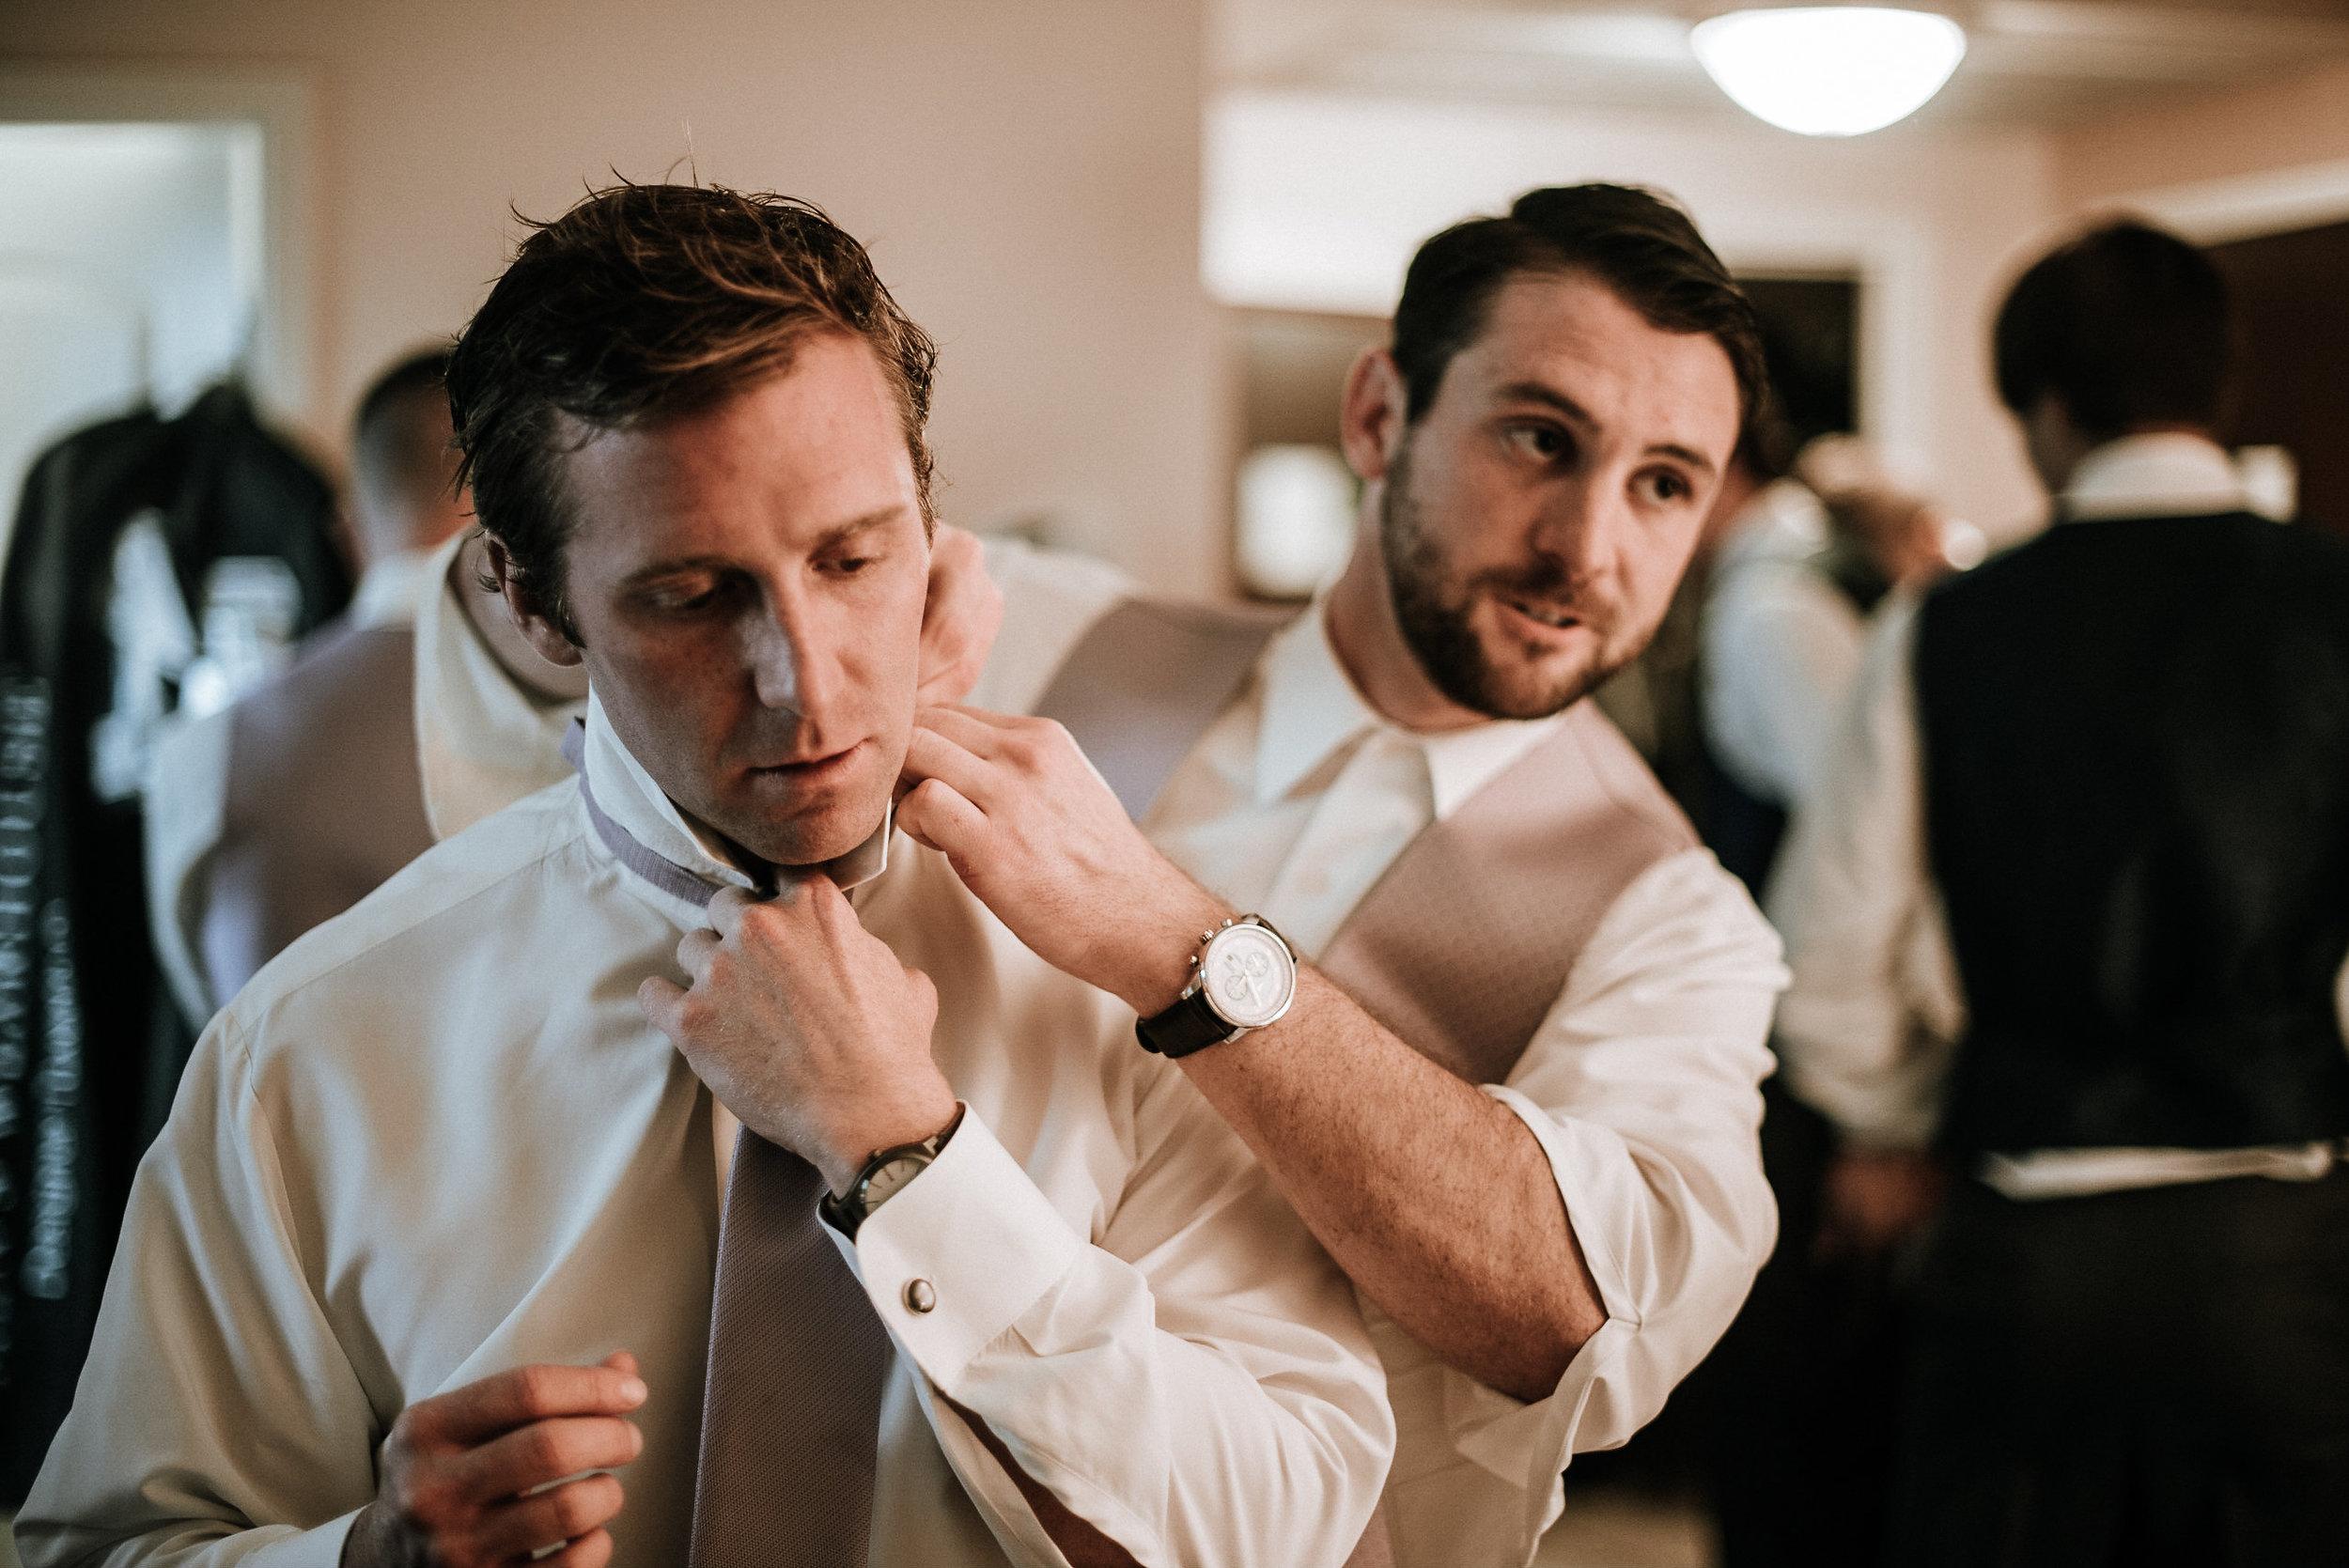 Groomsmen helping groom with tie